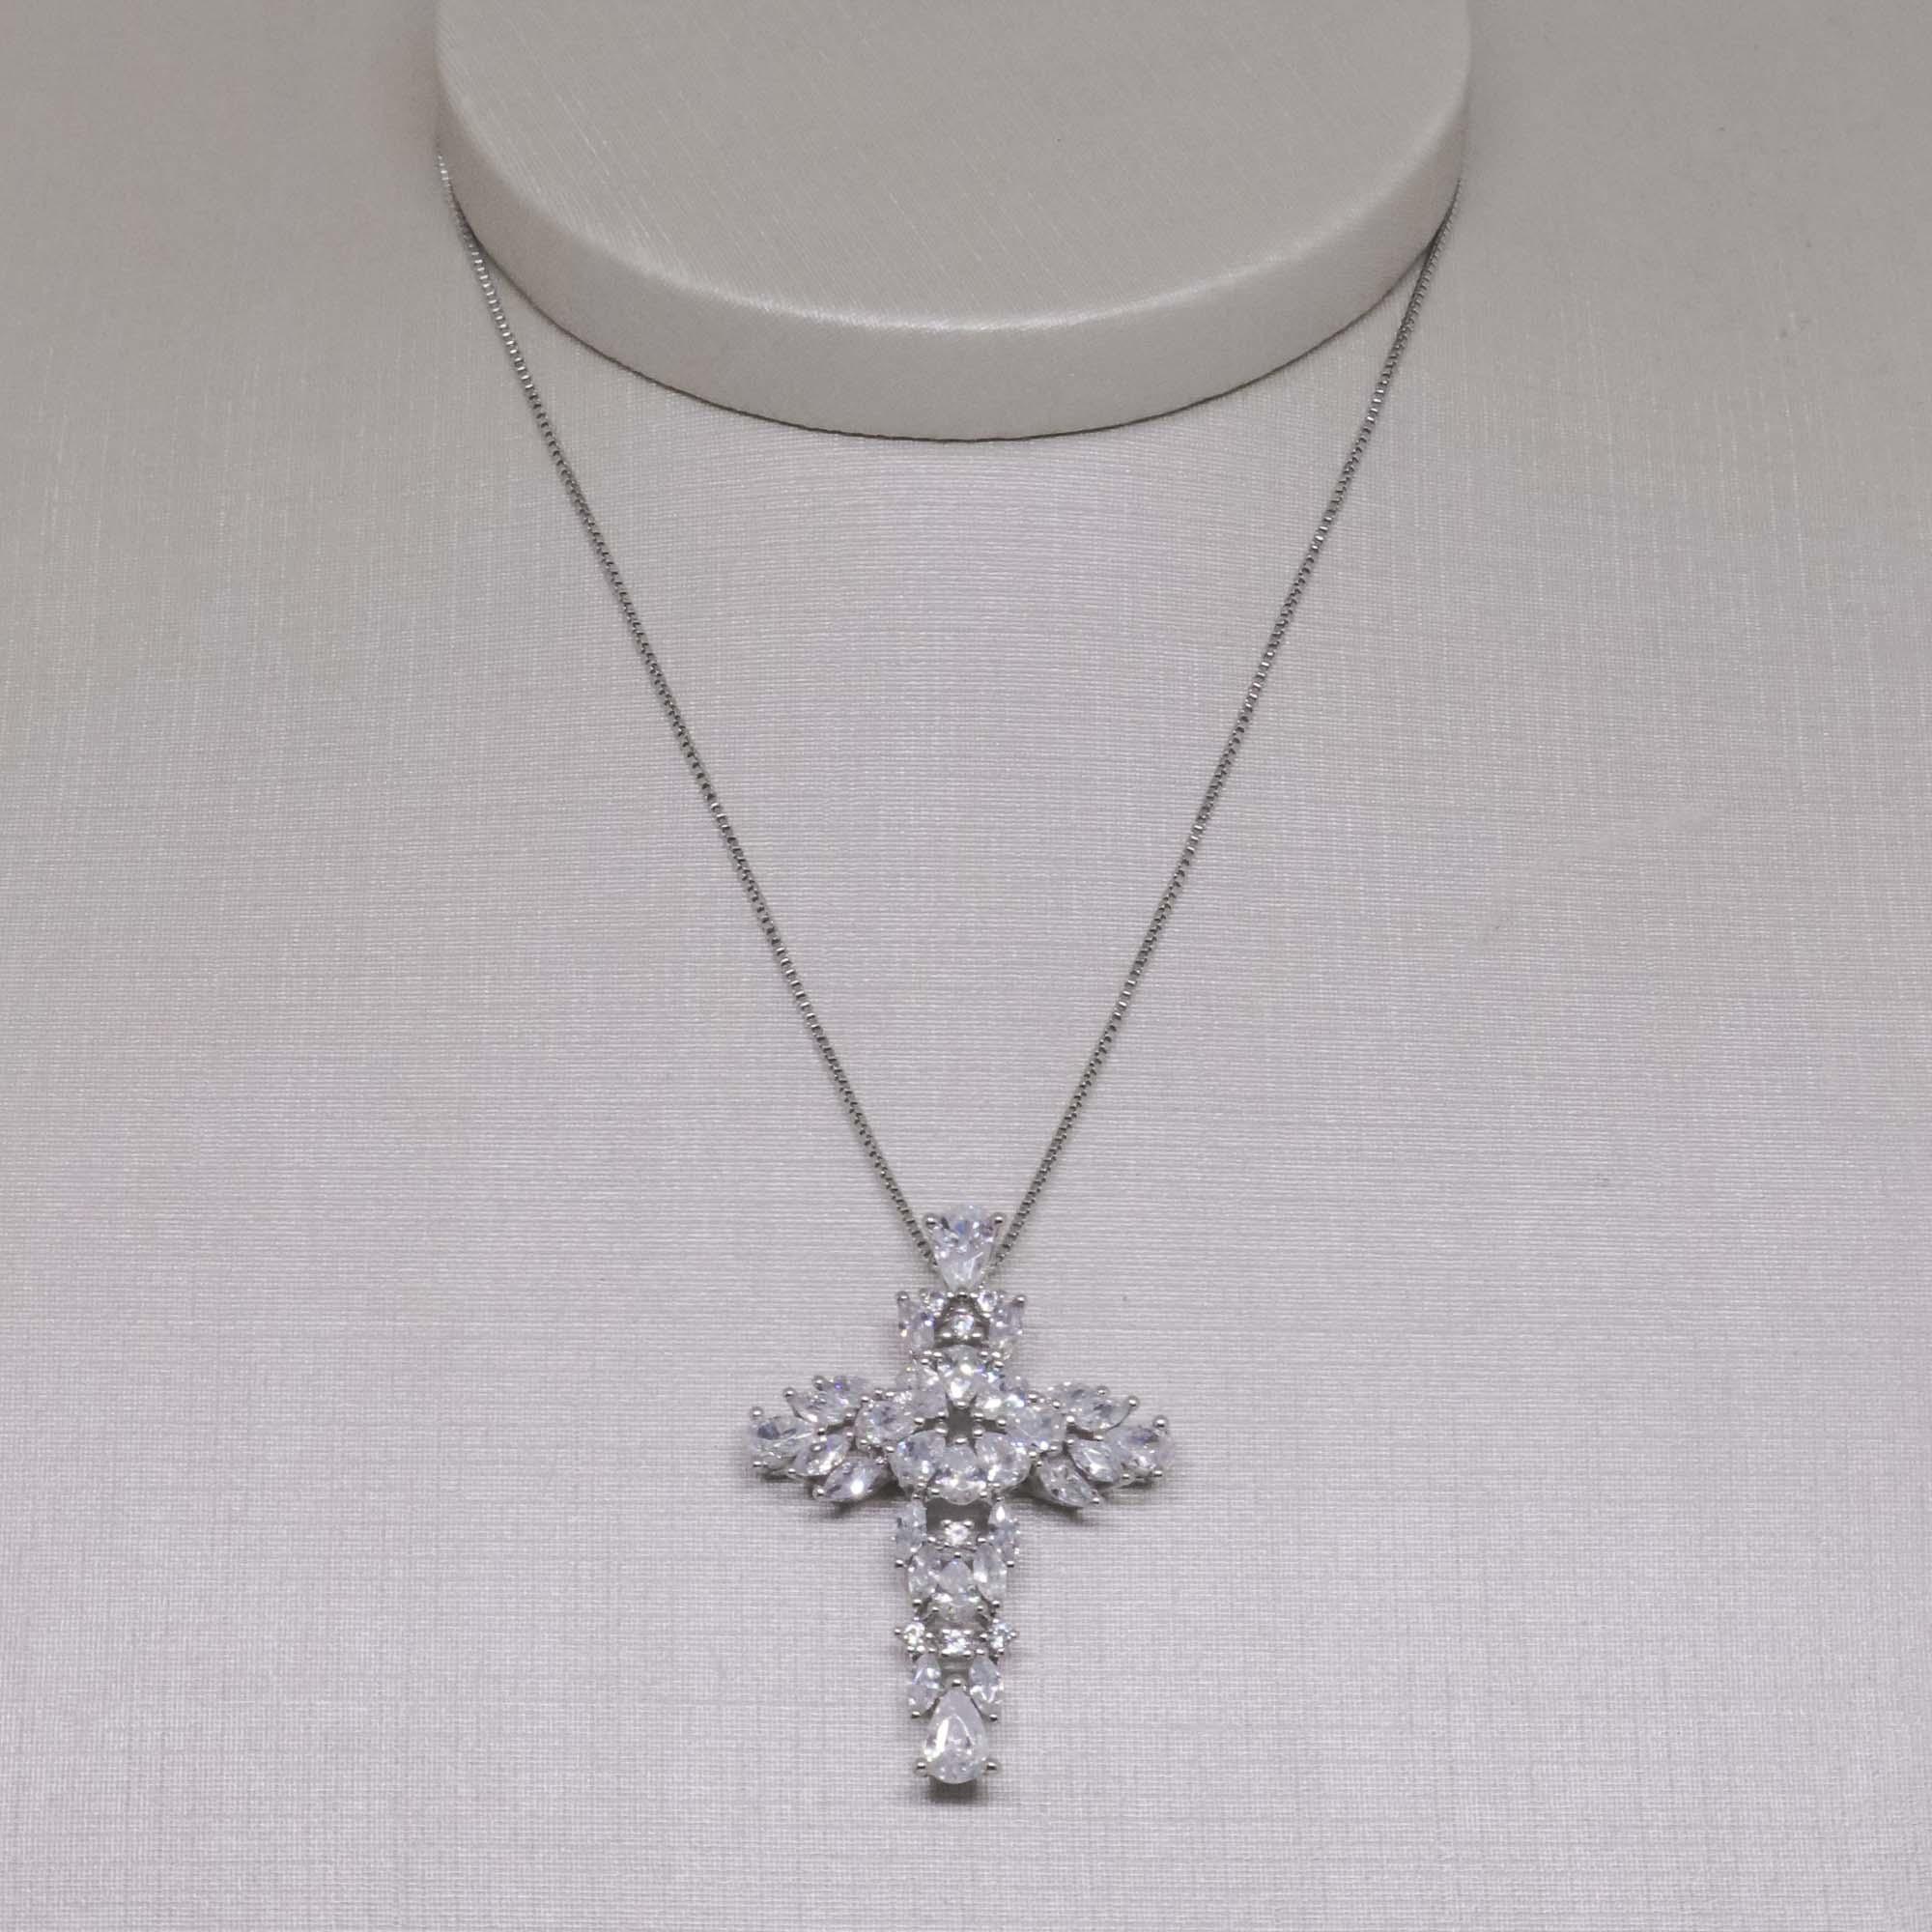 Colar semijoia Crucifixo em Zircônia folheado a ouro 18k ou rhodium